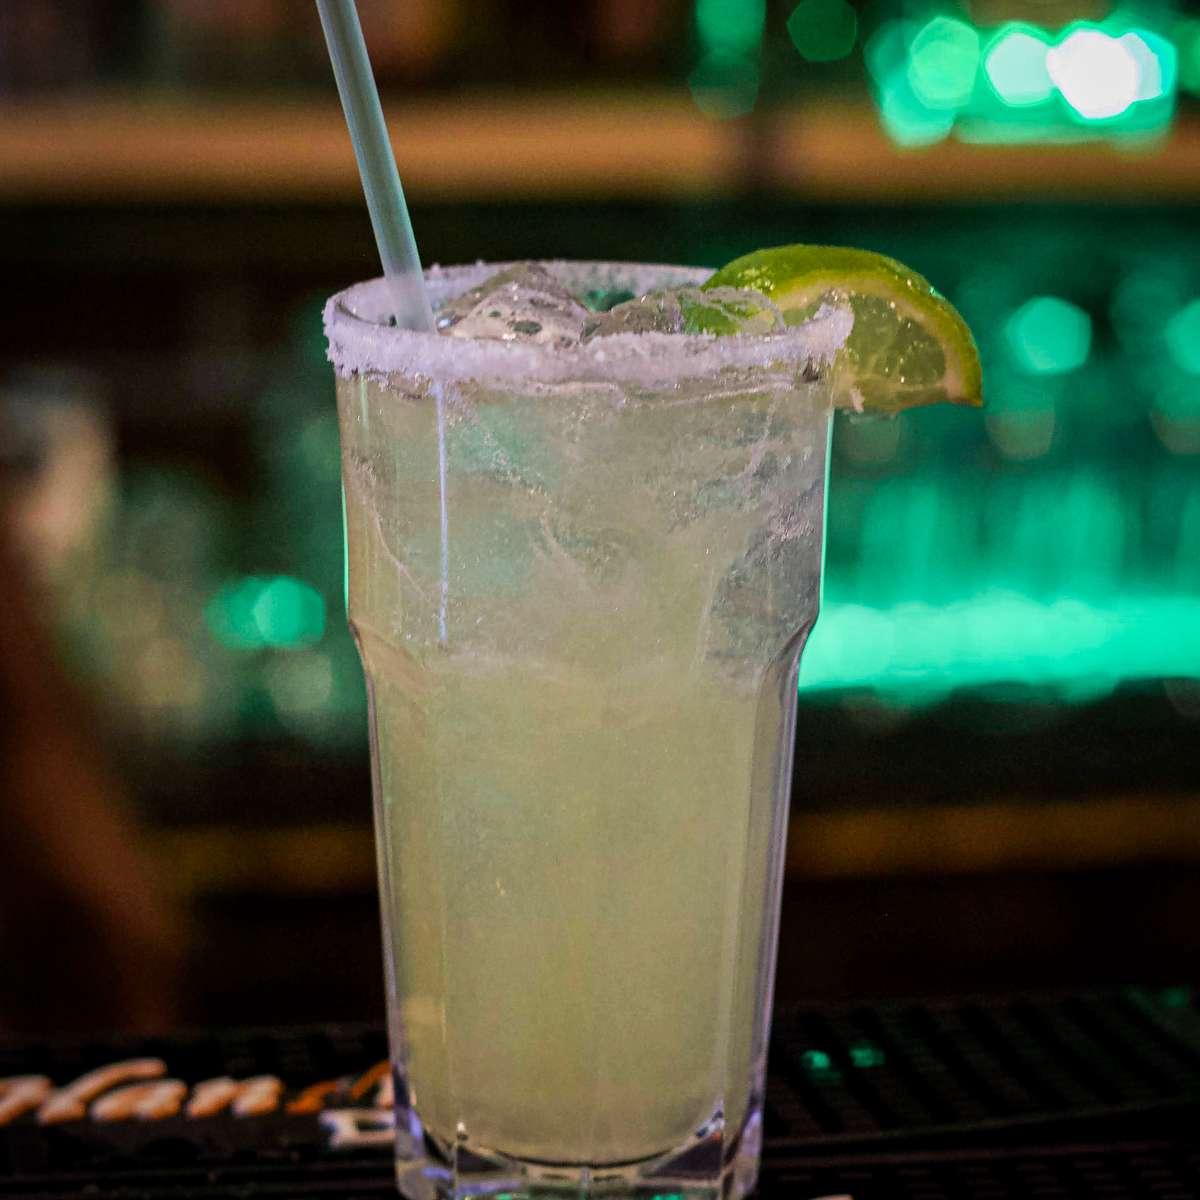 The Freshest Margarita